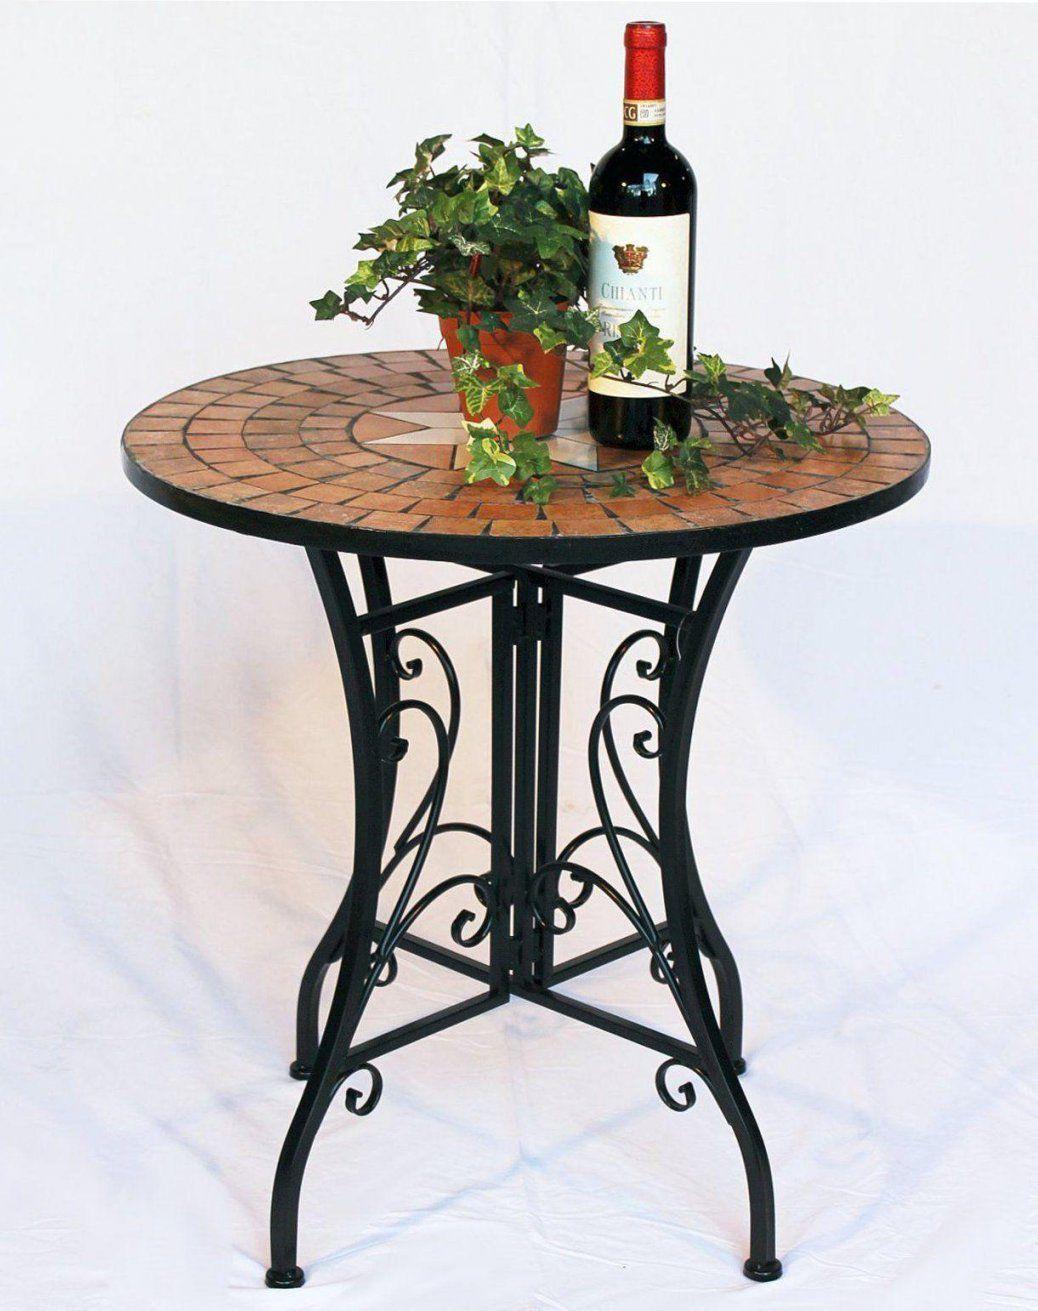 Gartentisch 100 X 60 Stunning Gartentisch 100 X 60 With Gartentisch von Gartentisch Rund 60 Cm Bild